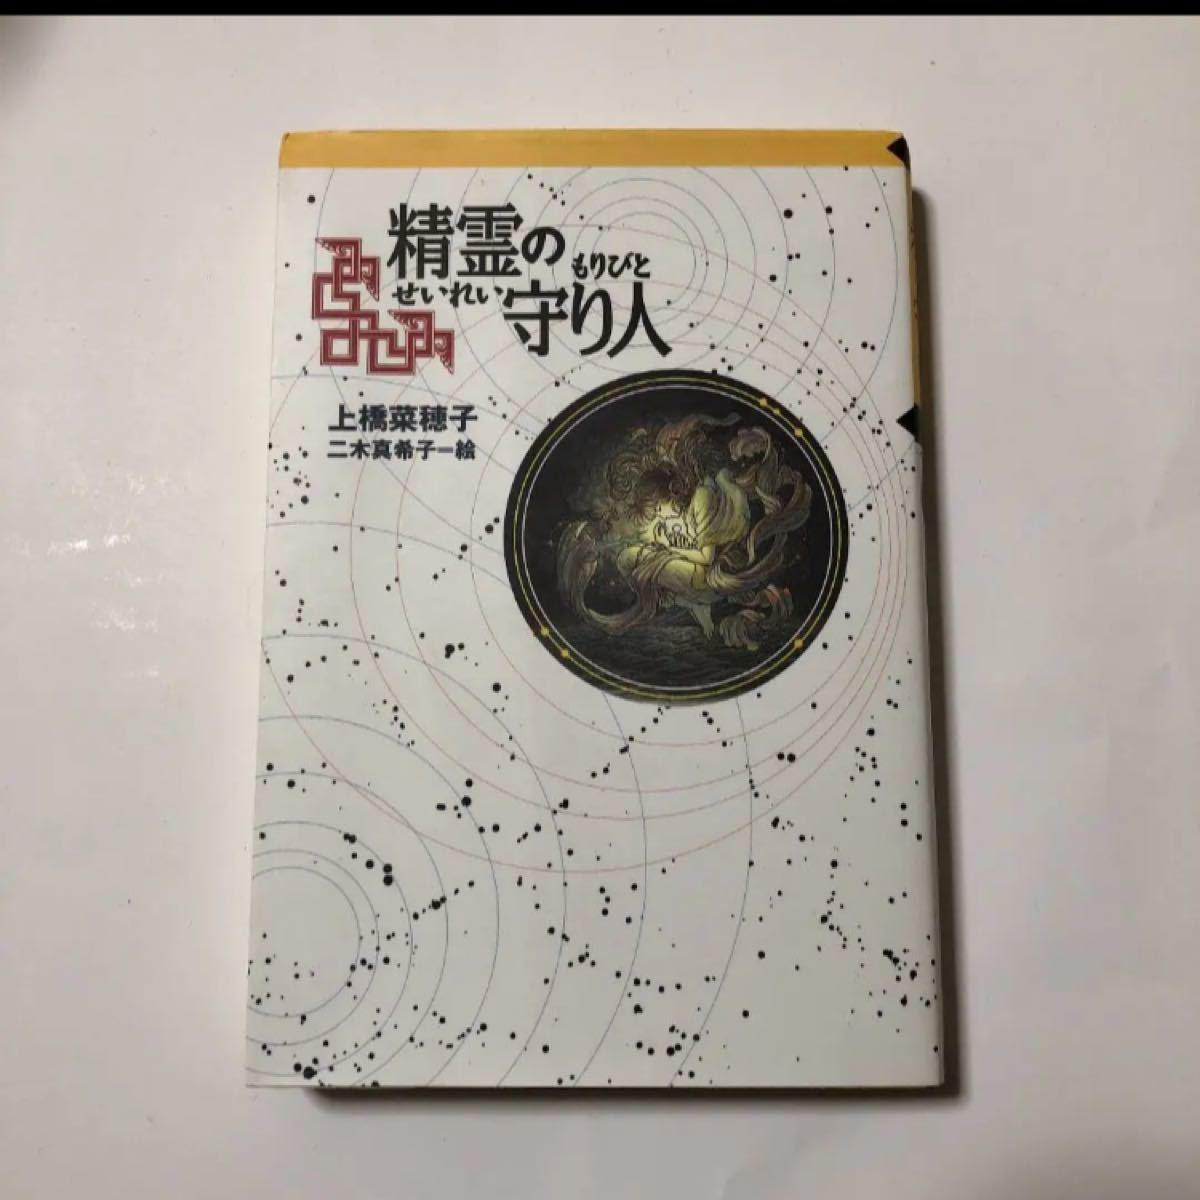 本まとめ売り (バラ売り可能)